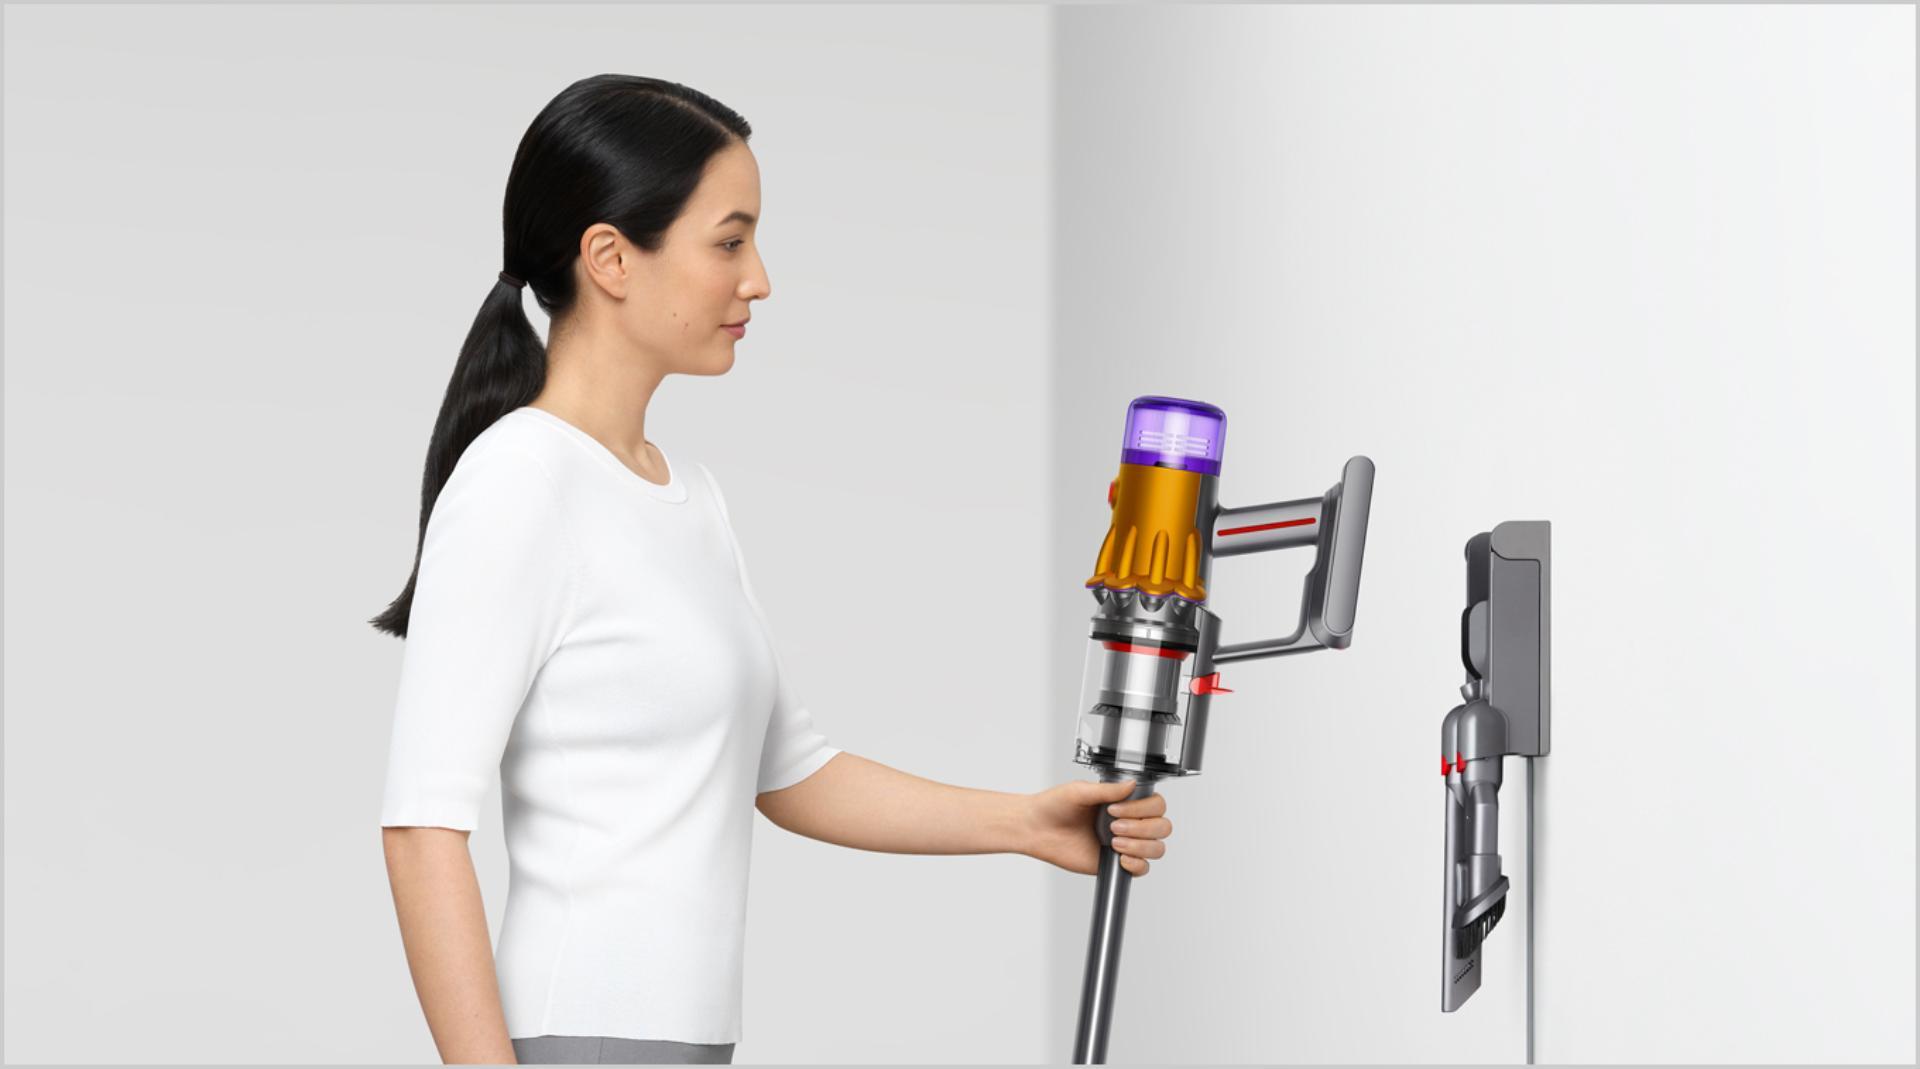 Người phụ nữ đang đặt máy hút bụi Dyson vào trong đế sạc gắn tường